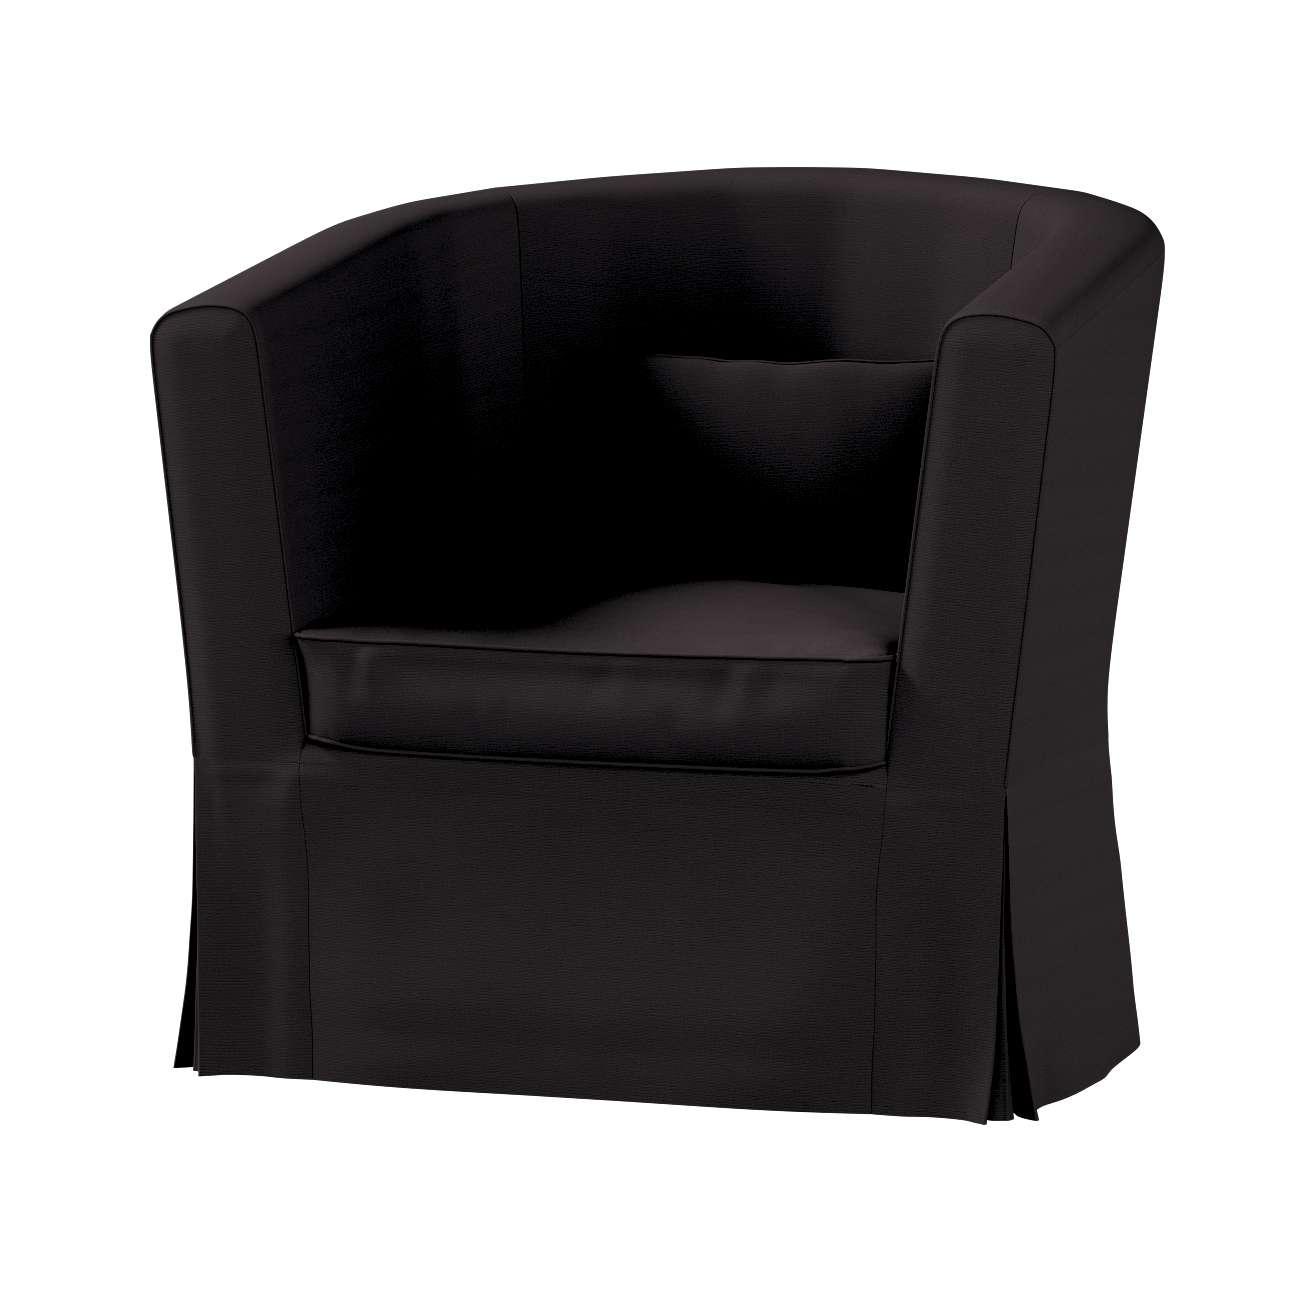 Bezug für Ektorp Tullsta Sessel von der Kollektion Cotton Panama, Stoff: 702-08